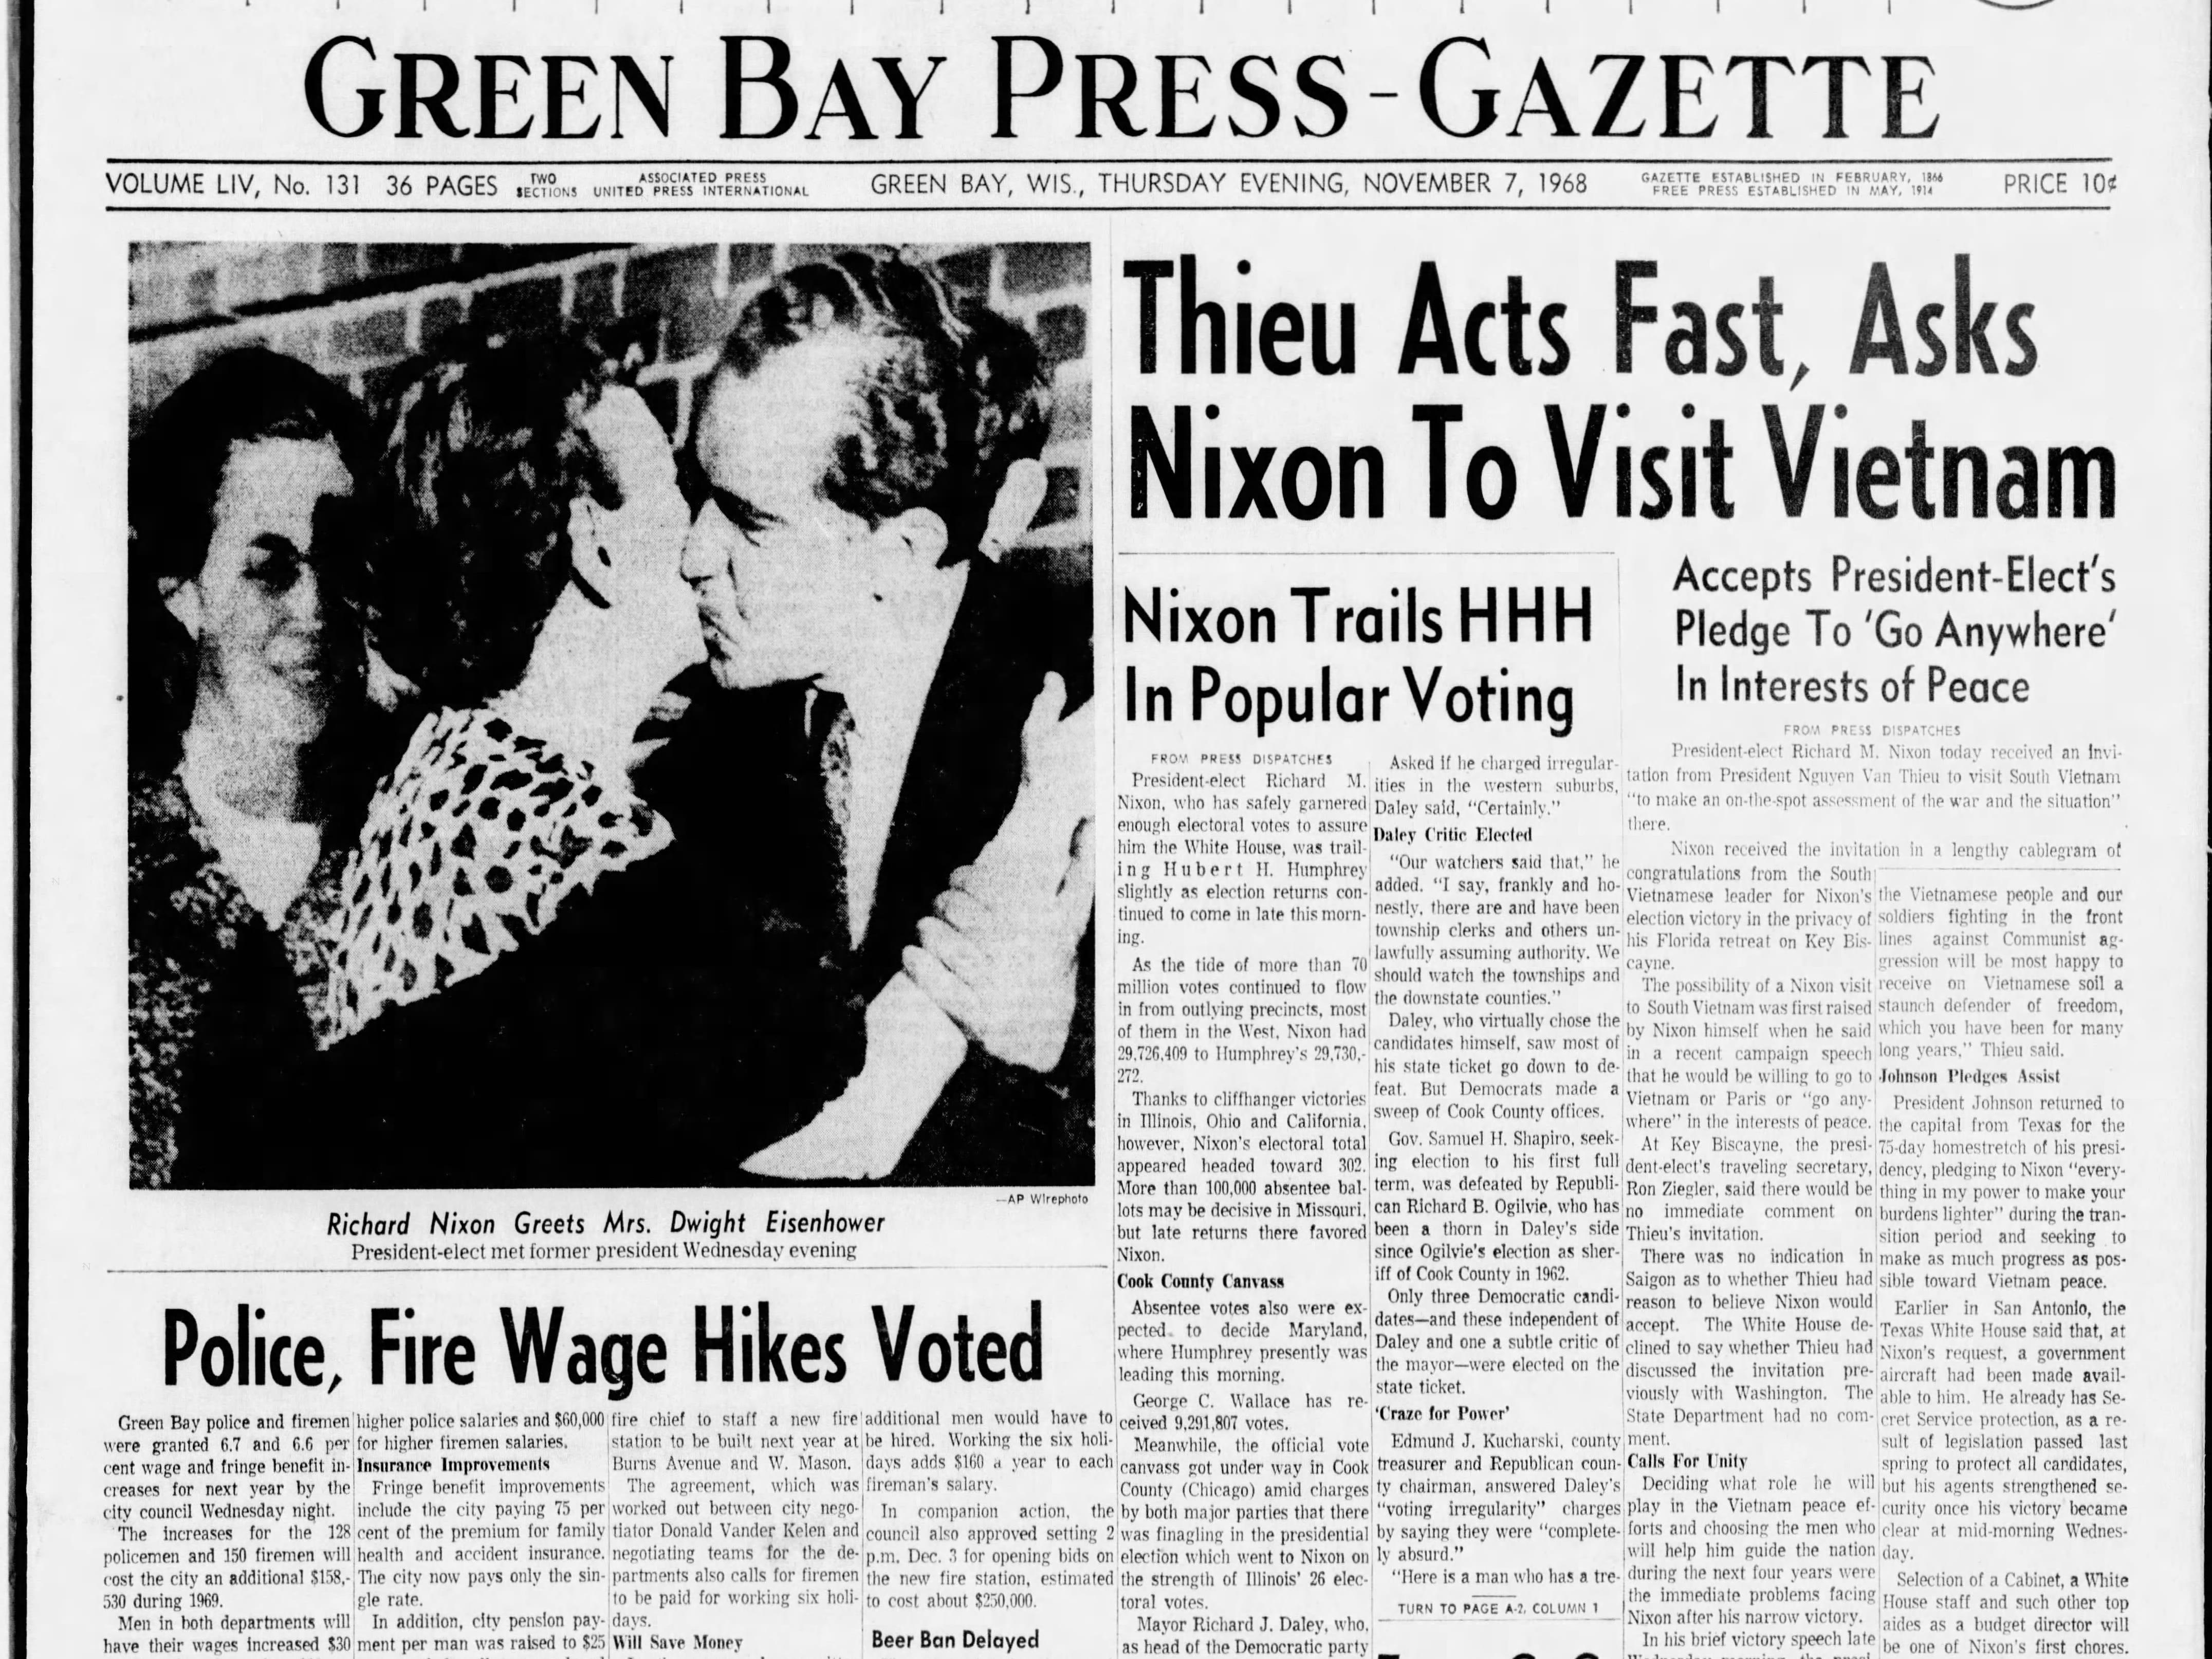 Today in History: Nov. 7, 1968